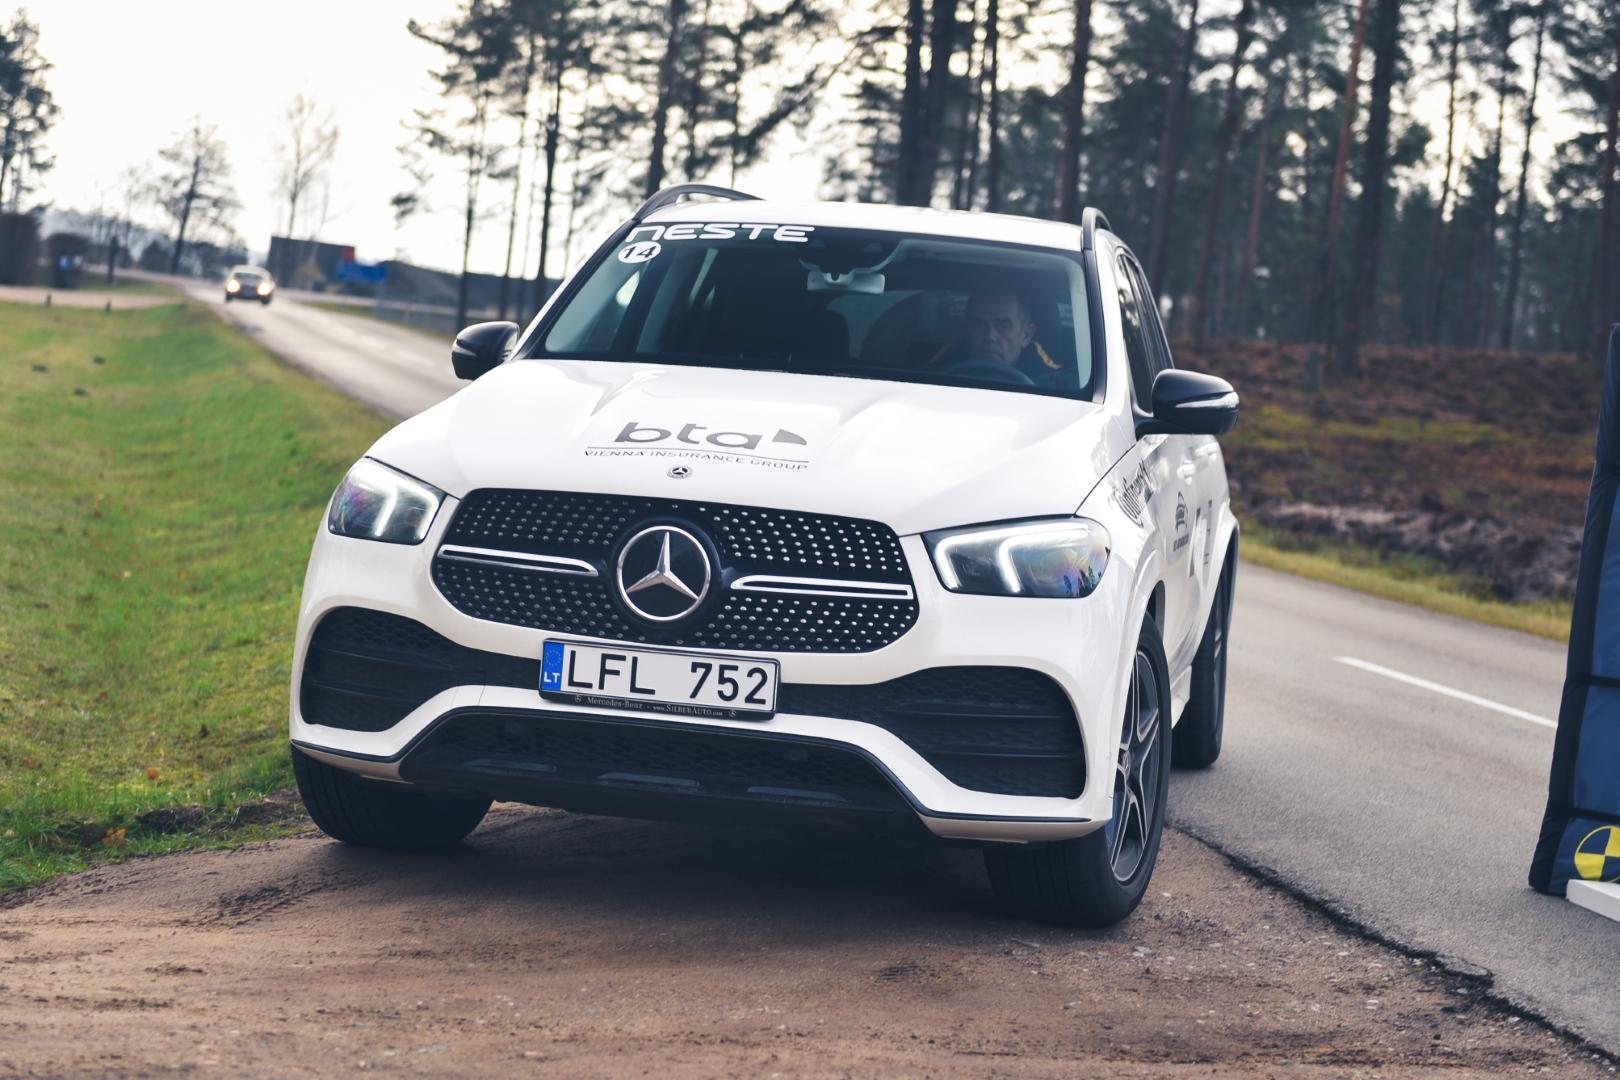 Lietuviškų pagardų gamintojas neatsilieka nuo pasaulinių dizaino tendencijų, Auto tendencijų linija